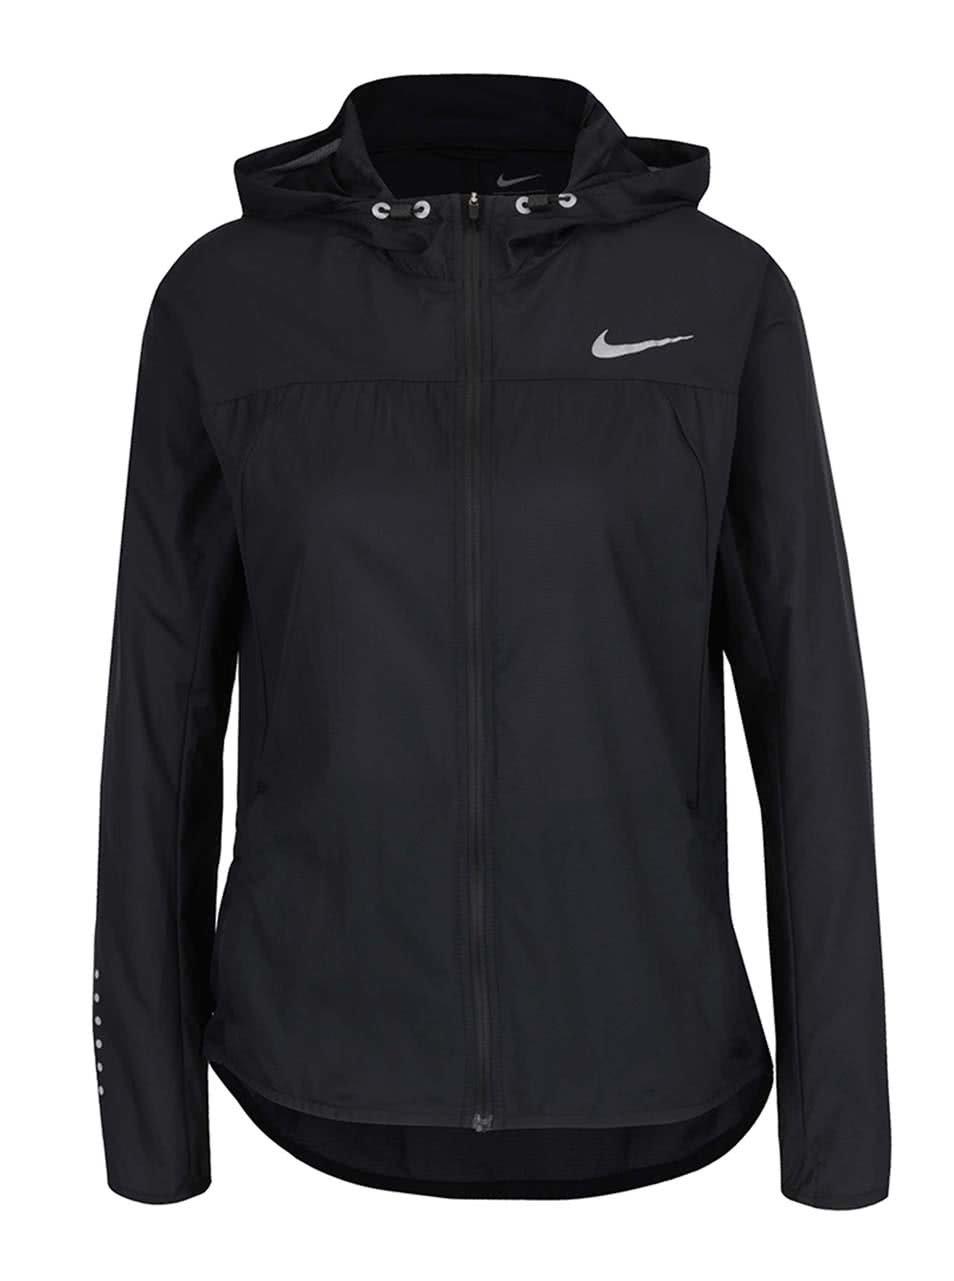 Čierna dámska ľahká funkčná bunda Nike Impossibly ... 32924c40b18